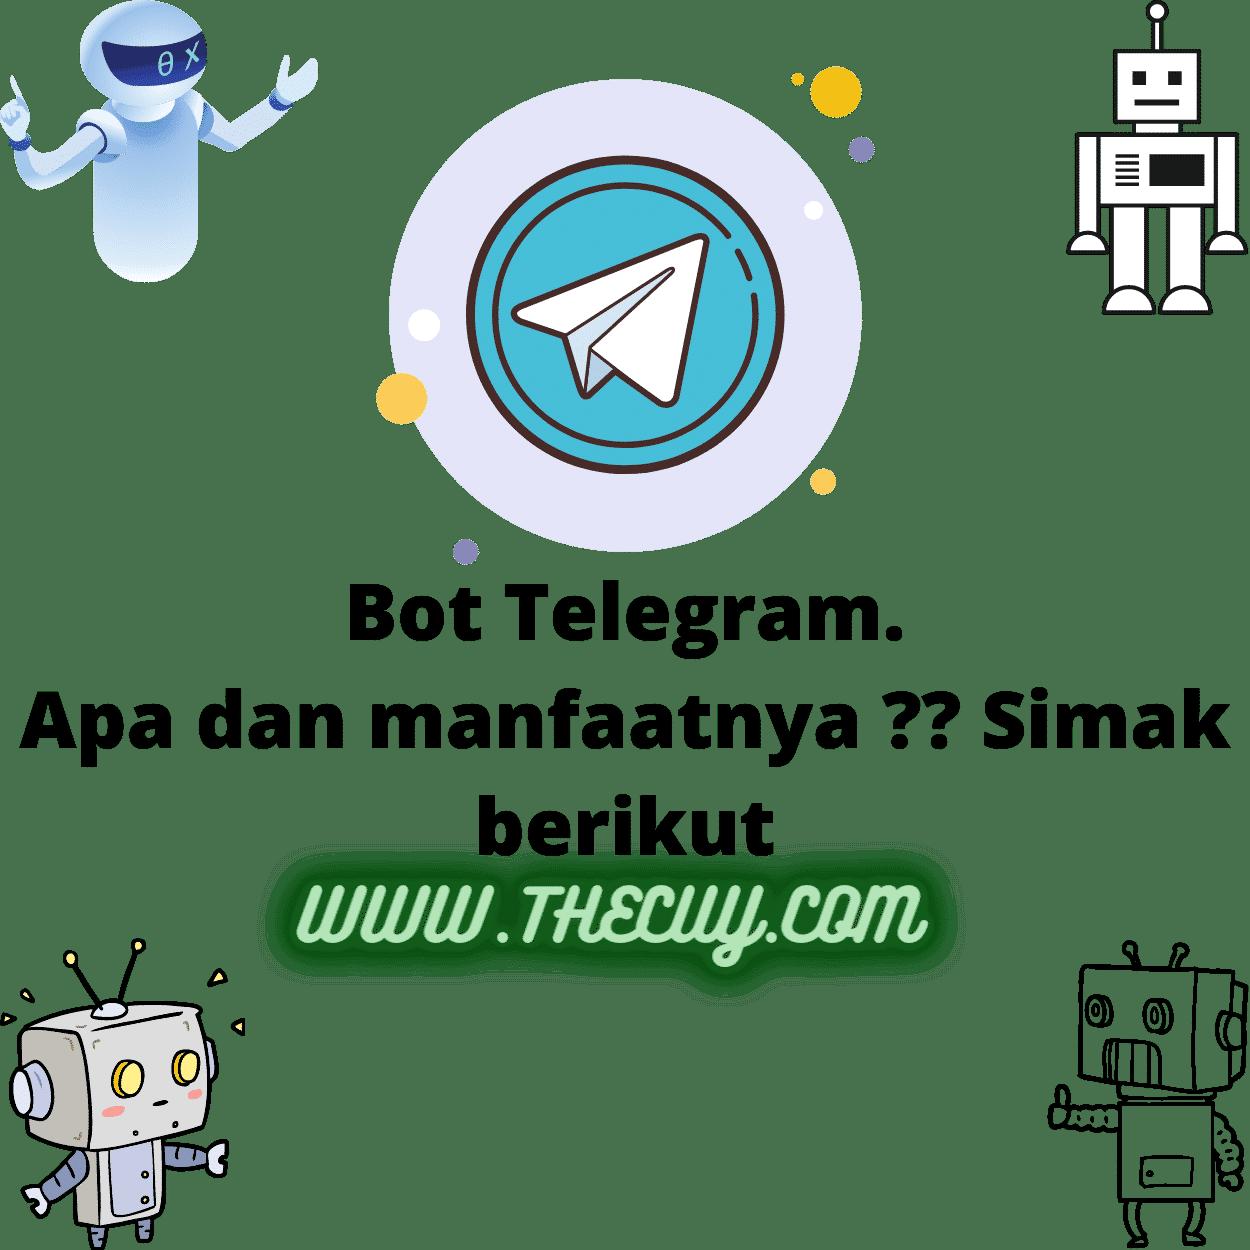 bot telegram Apa dan manfaatnya ??